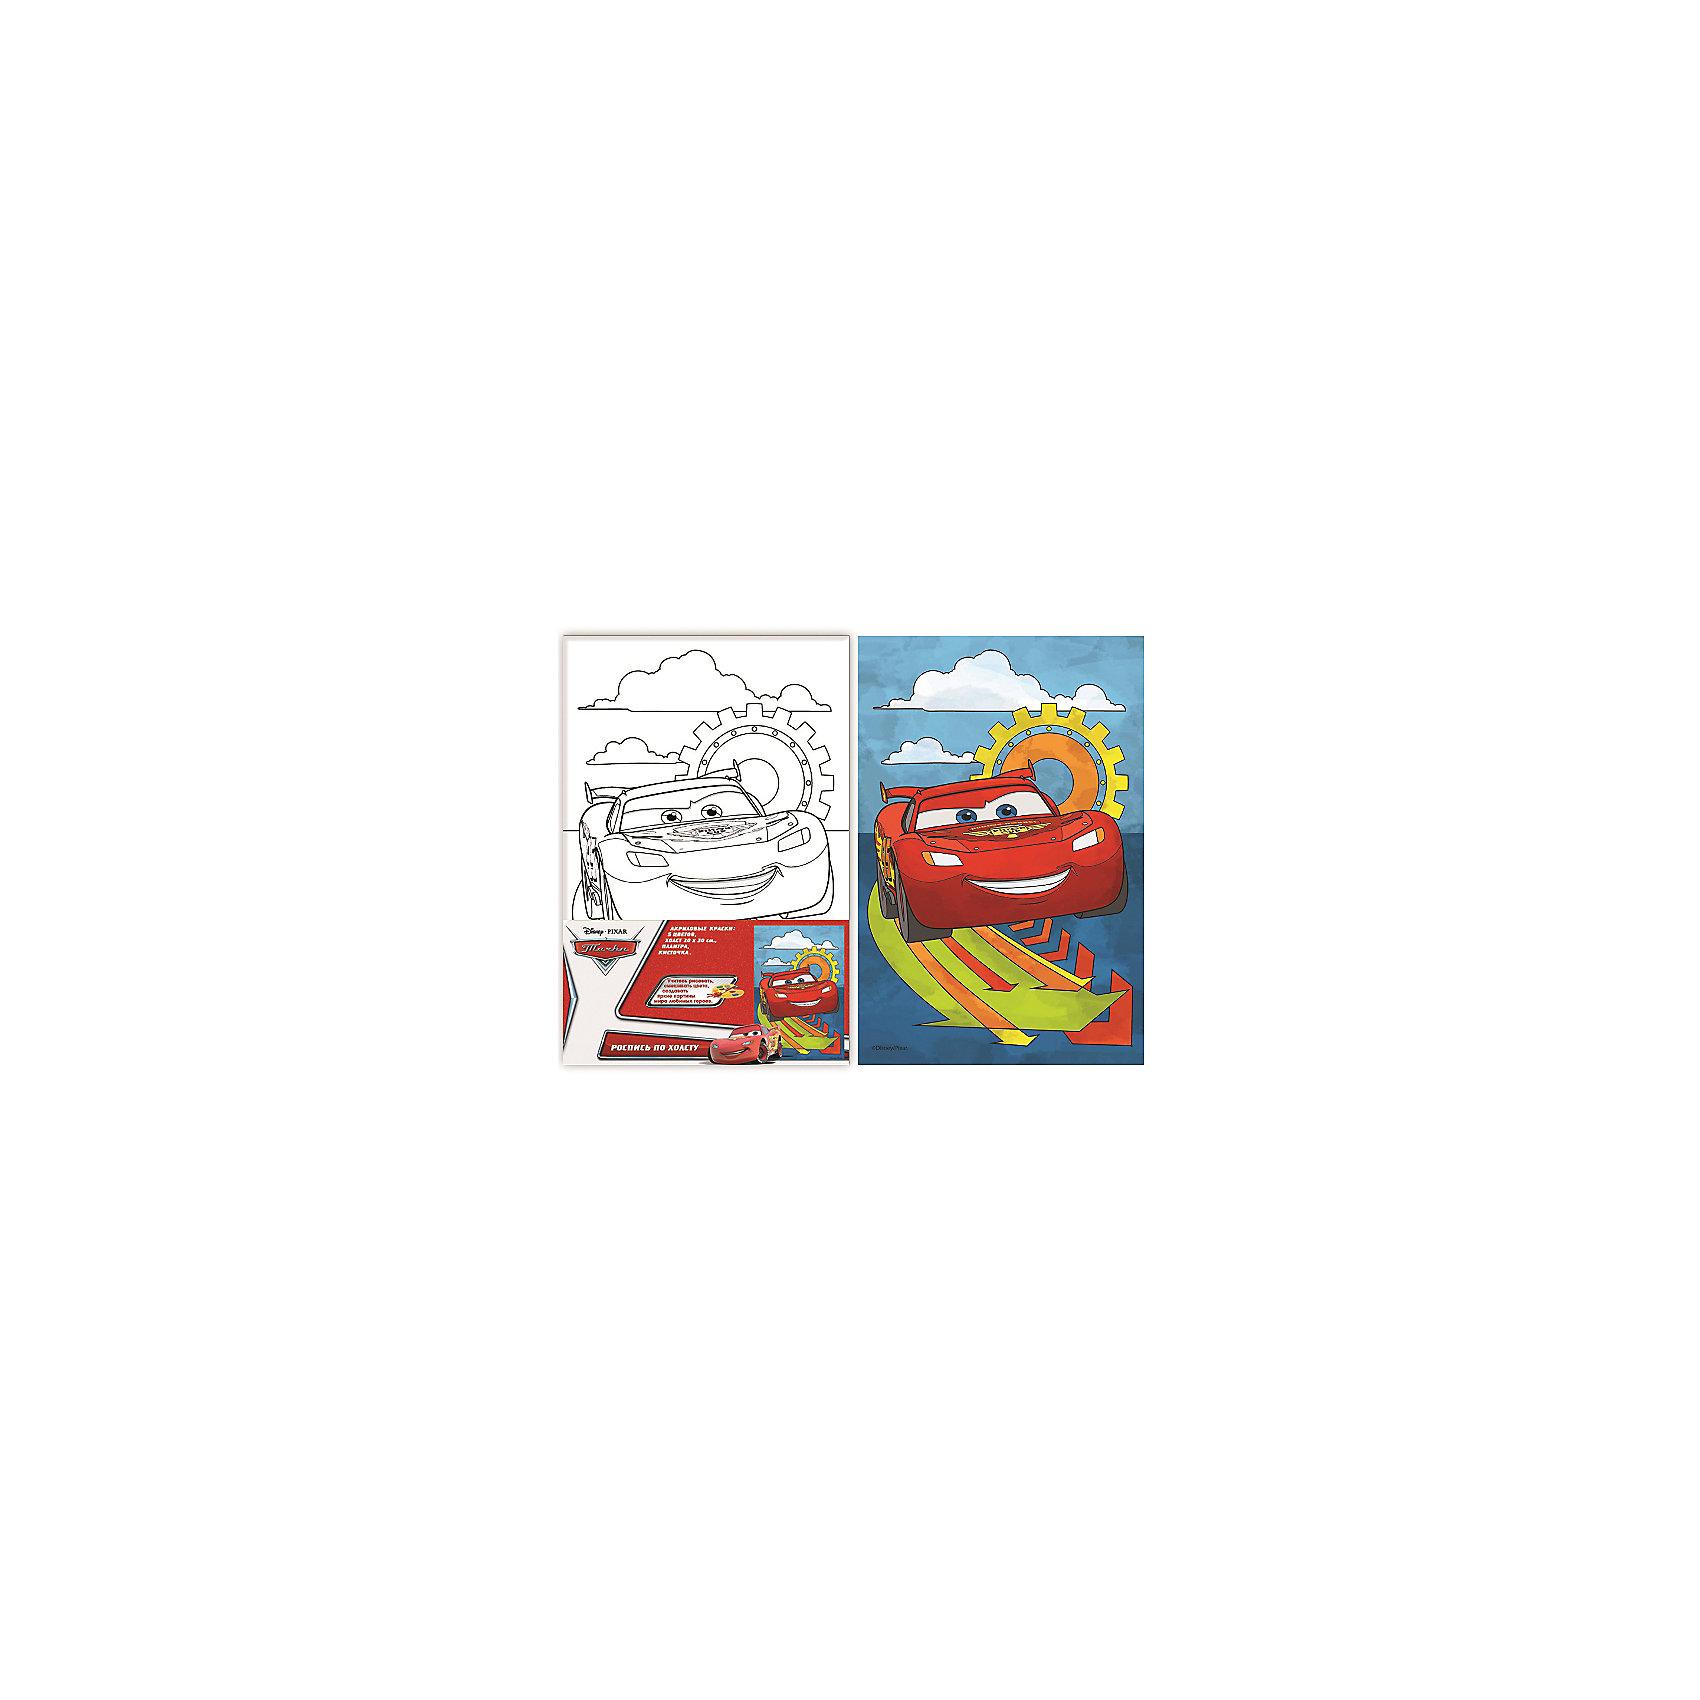 Роспись по холсту Маккуин, ТачкиТачки<br>Роспись по холсту - это очень интересный вид деятельности, который придется по вкусу любому ребенку! Даже если ты еще не очень хорошо рисуешь, у тебя есть возможность почувствовать себя настоящим художником и создать прекрасную картину! Надо лишь раскрасить уже готовый рисунок и твой шедевр готов! В наборе есть уже все необходимое для творчества. Акриловые краски - нетоксичные и абсолютно безопасные, они прекрасно ложатся на холст и легко смываются с рук и одежды. Если цвет нанесен неверно, просто подождите пока краска высохнет и нанесите новый цвет на подсохшую поверхность. <br>Рисование и раскрашивание играют важную роль в развитии фантазии, моторики, художественного вкуса, воображения и внимания. Картина с изображением стремительного Молнии Маккуина станет прекрасным украшением детской или замечательным подарком, сделанным своими руками. <br><br>Дополнительная информация:<br><br>- Материал: пластик, краски, картон, текстиль. <br>- Комплектация: 5 цветов акриловых красок в металлических тубах; палитра; кисточка.<br>- Размер холста: 20х30 см.<br>- Краски можно смешивать, получая новые цвета и оттенки. <br><br>Роспись по холсту Маккуин, Тачки (Cars), можно купить в нашем магазине.<br><br>Ширина мм: 200<br>Глубина мм: 300<br>Высота мм: 15<br>Вес г: 230<br>Возраст от месяцев: 60<br>Возраст до месяцев: 2147483647<br>Пол: Унисекс<br>Возраст: Детский<br>SKU: 4756167